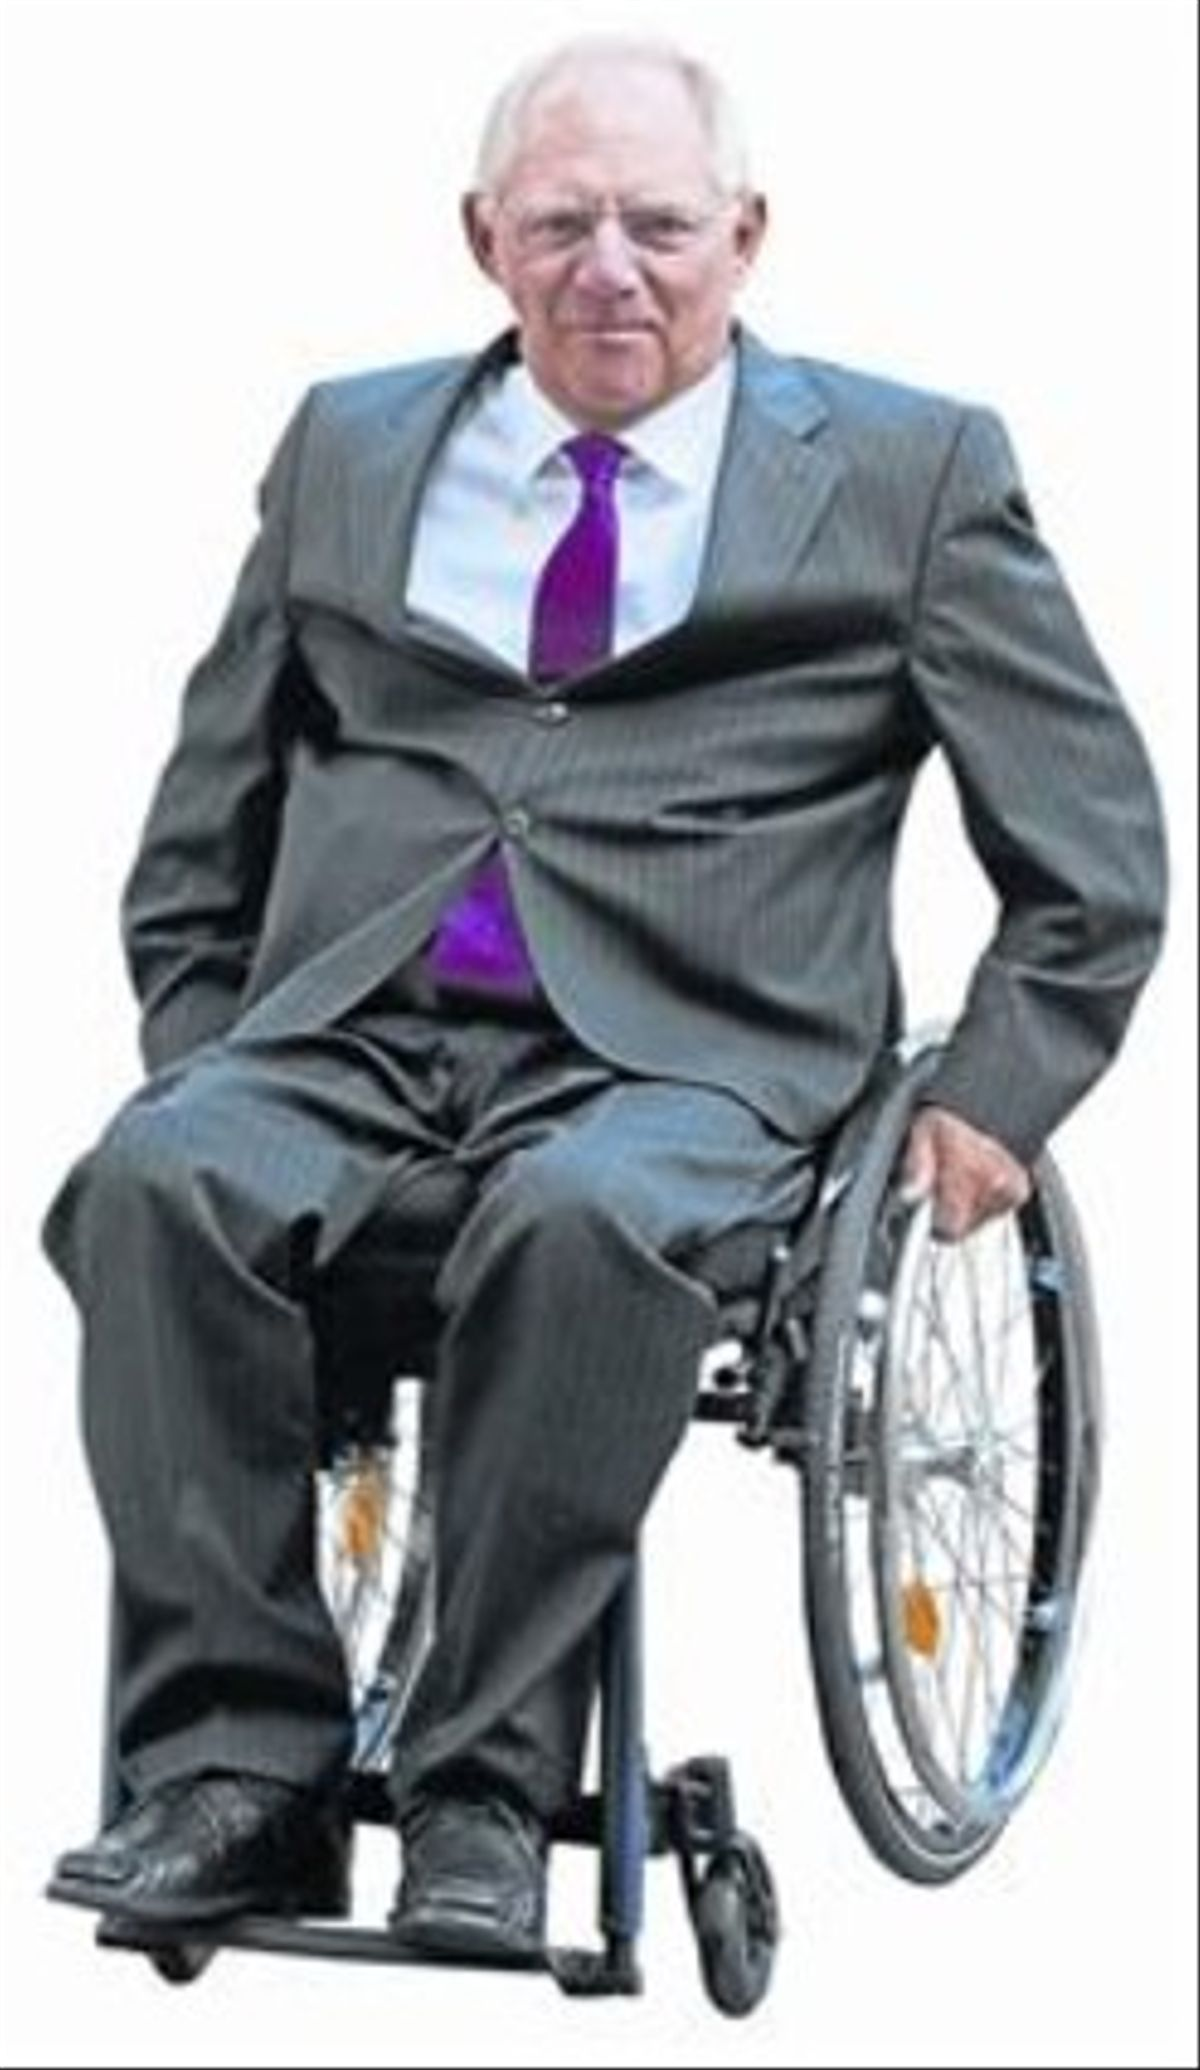 Wolfgang Schäuble quedó en silla de ruedas el 1990 después de ser víctima de un intento de asesinato.